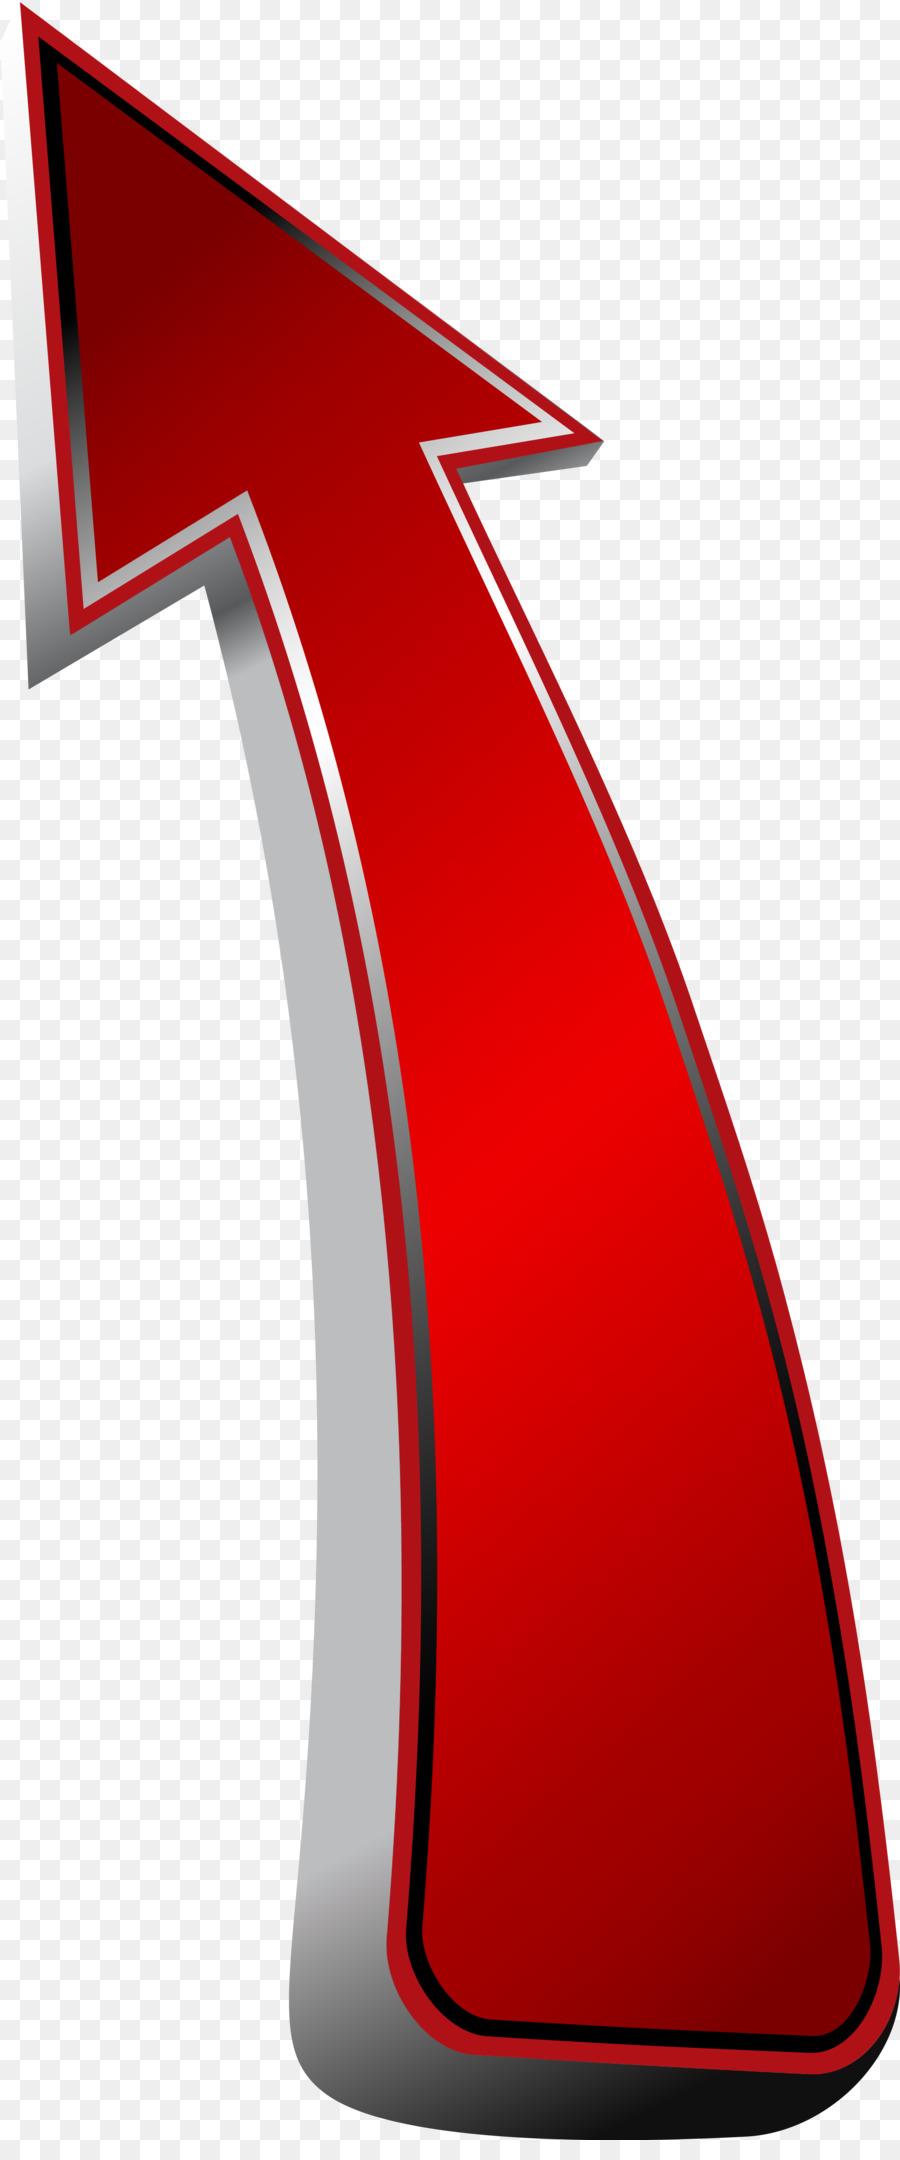 Картинка вертикальная стрелка